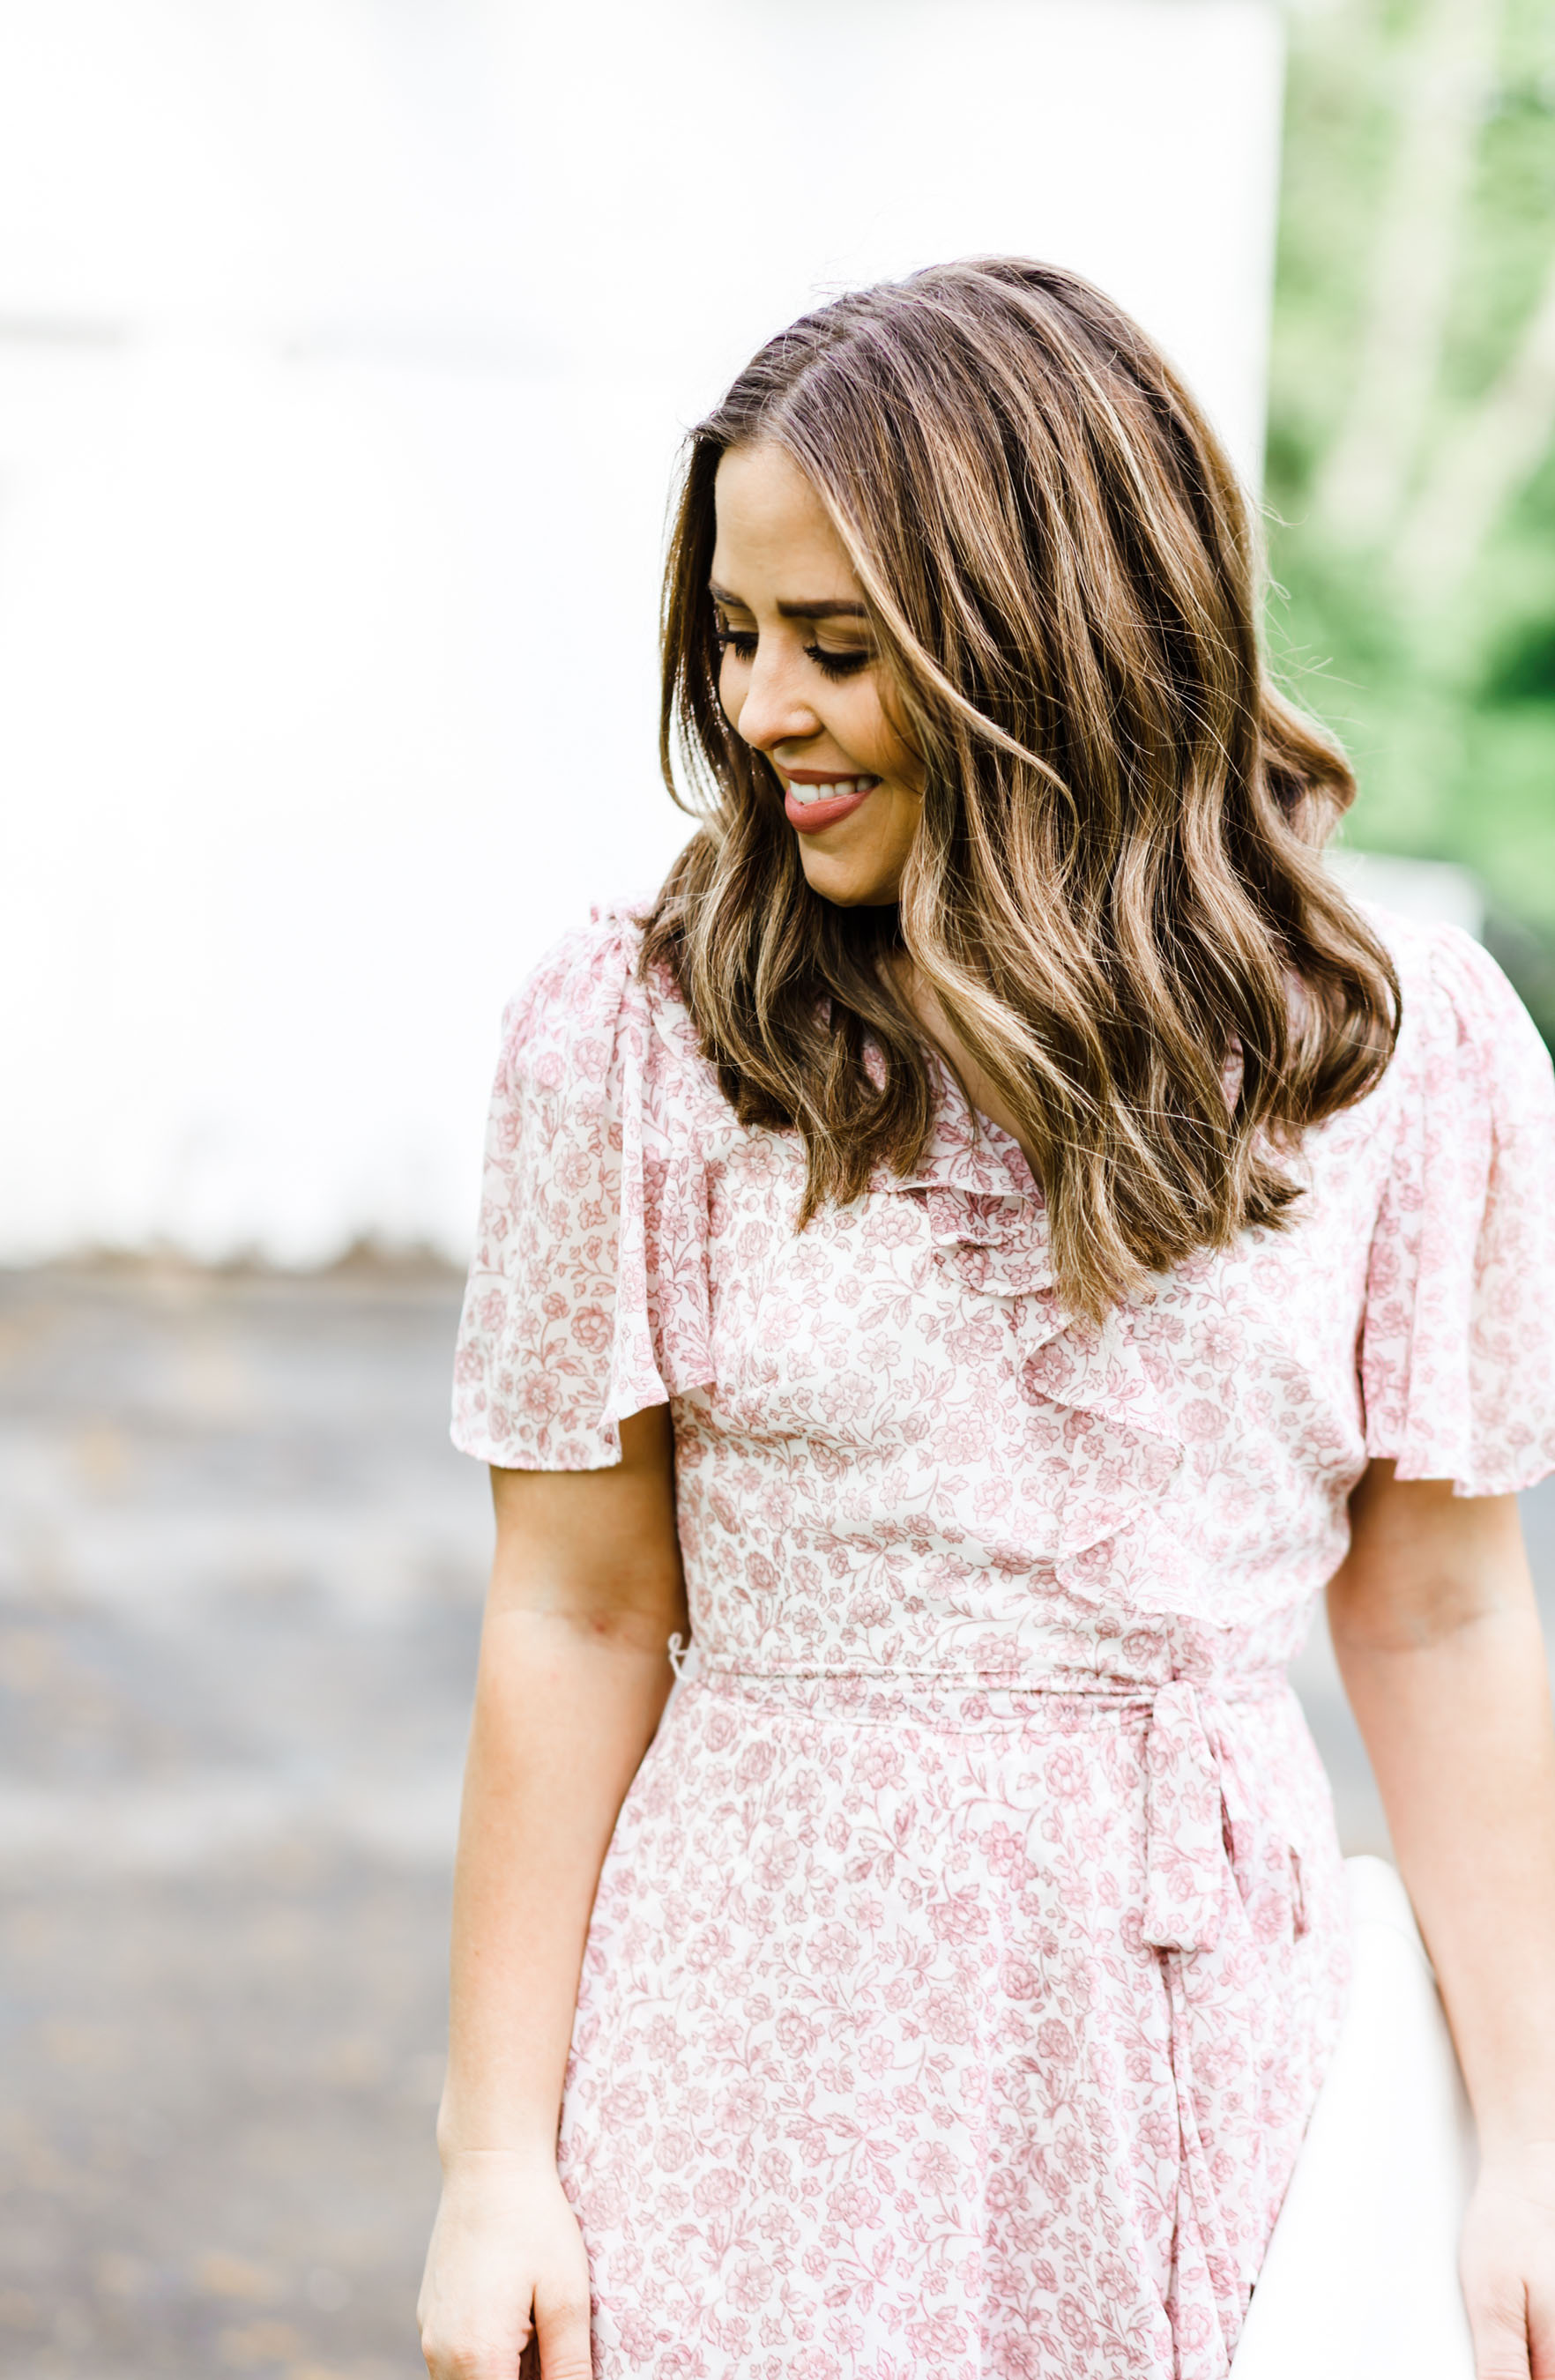 Summer Wedding Guest Dress Ideas 7 Dress Cori Lynn